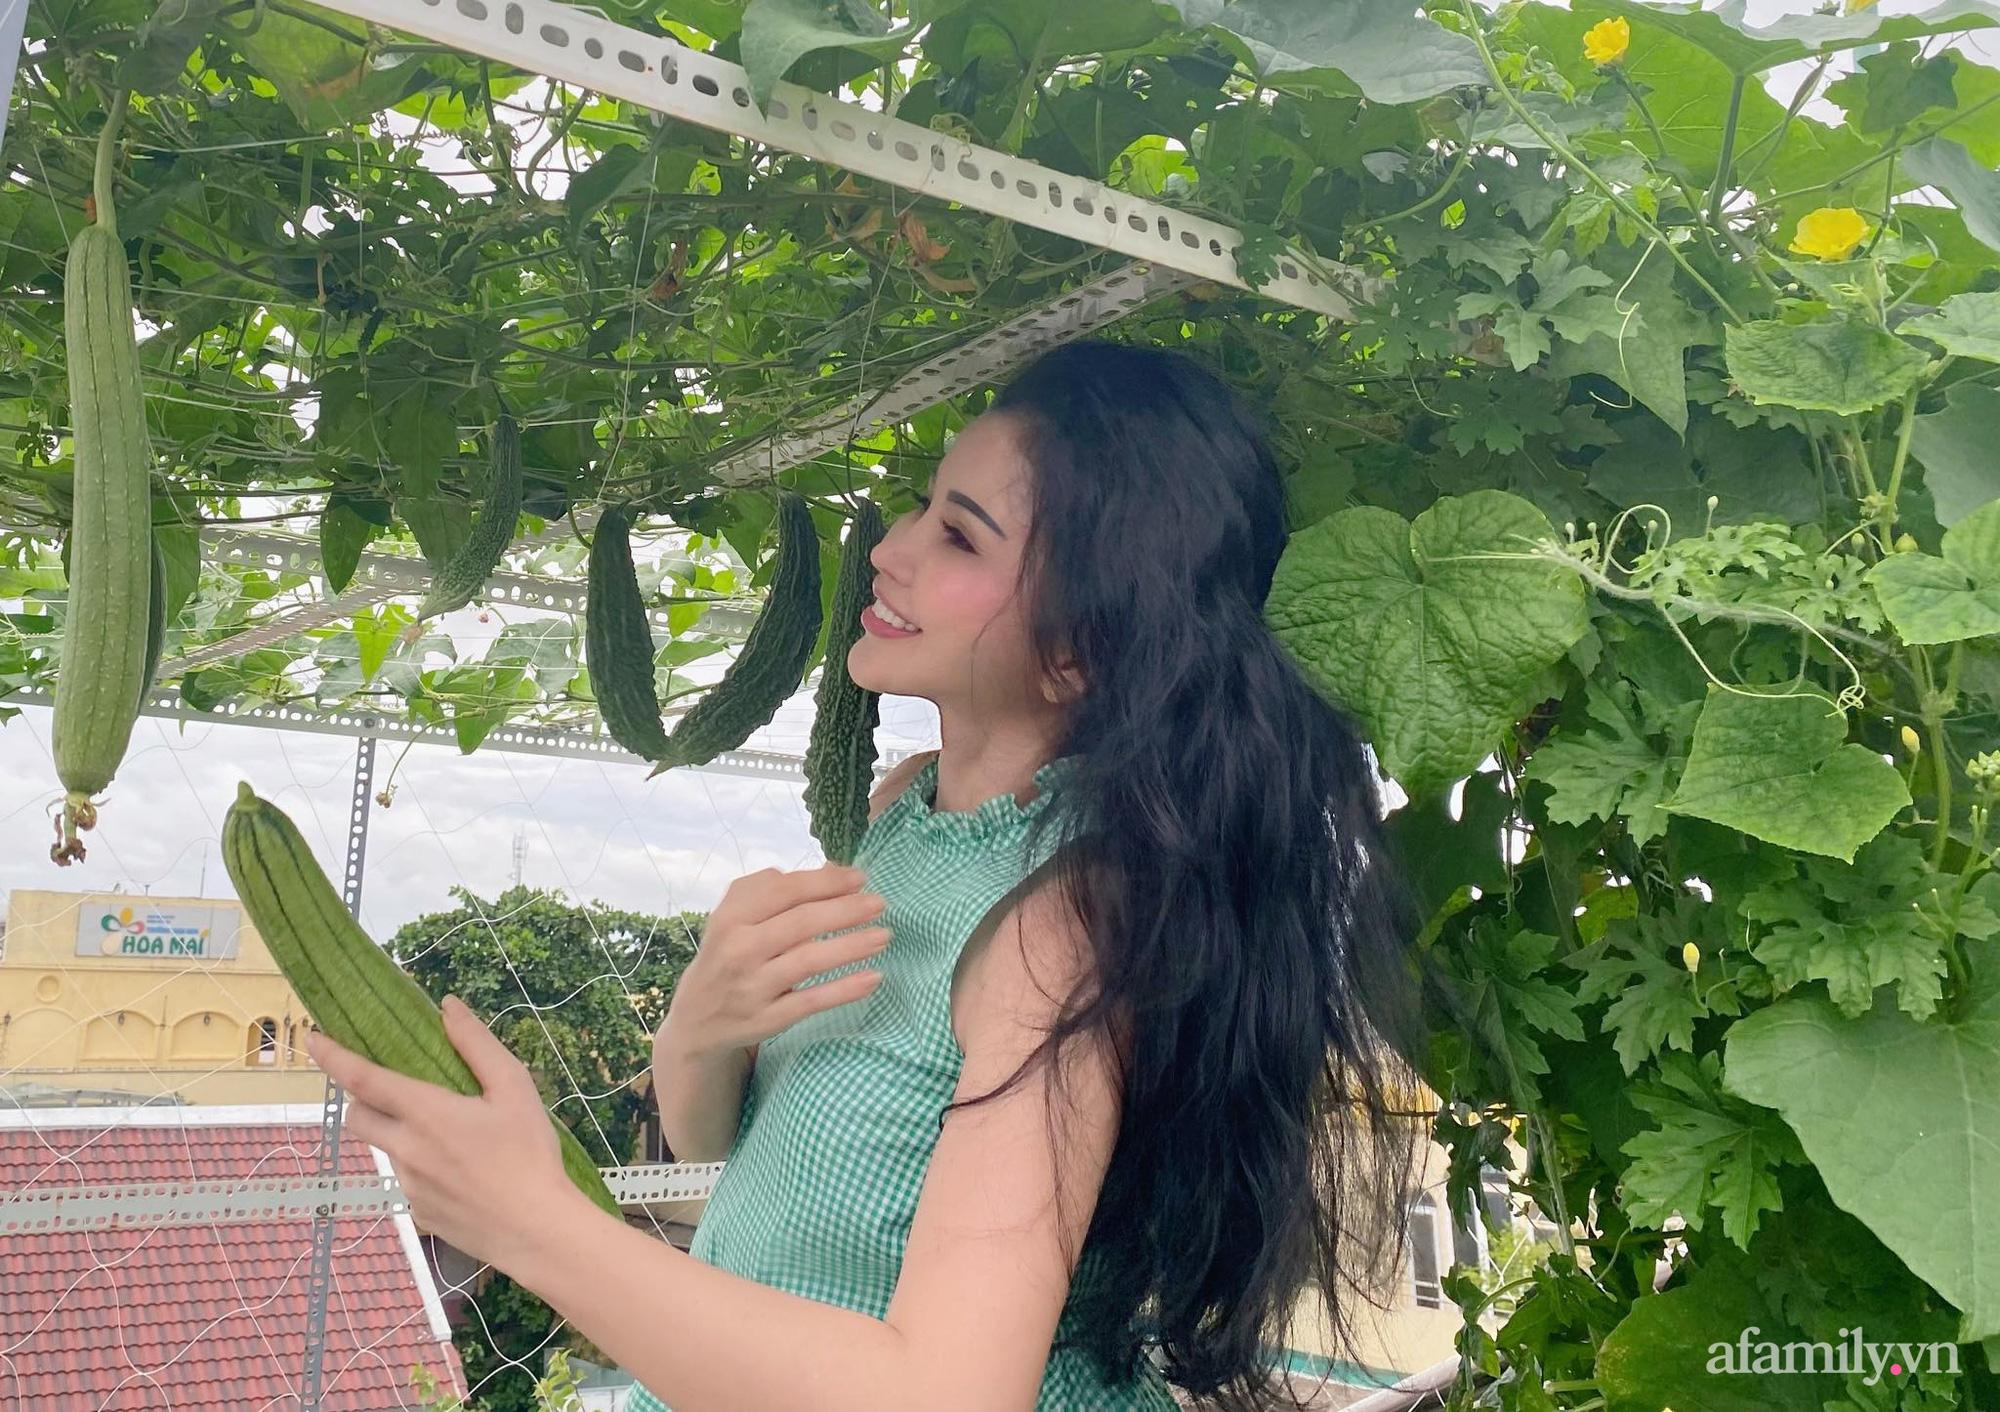 Sân thượng phủ kín hoa hồng và rau quả sạch được chăm chút nhờ bàn tay khéo léo của Hoa hậu Janny Thủy Trần - Ảnh 19.